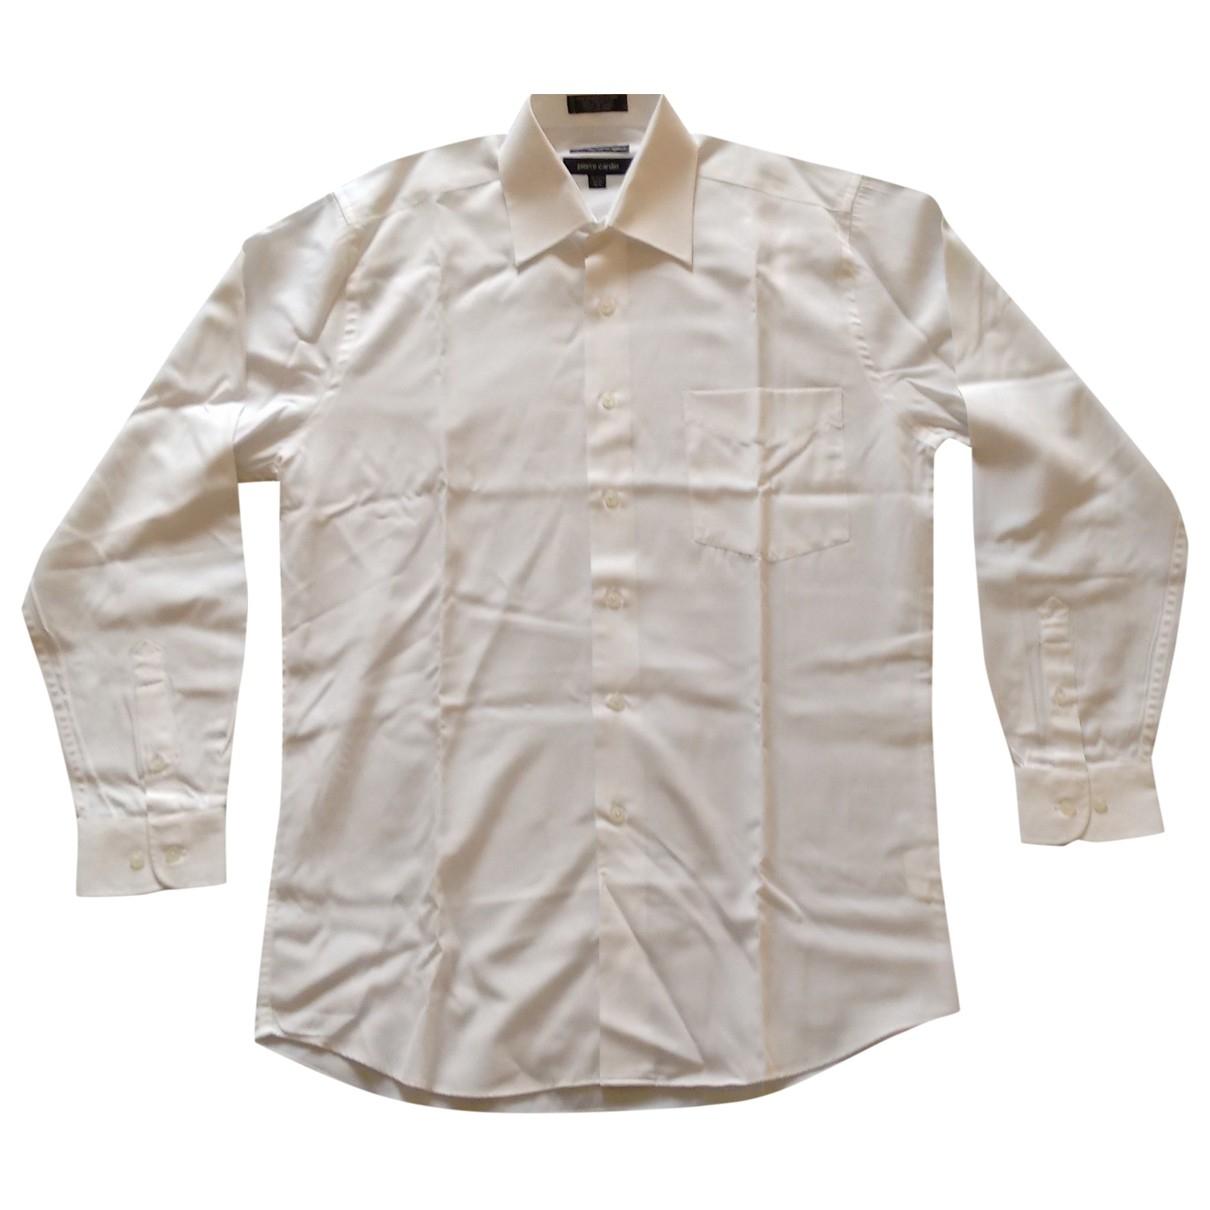 Pierre Cardin - Chemises   pour homme - blanc